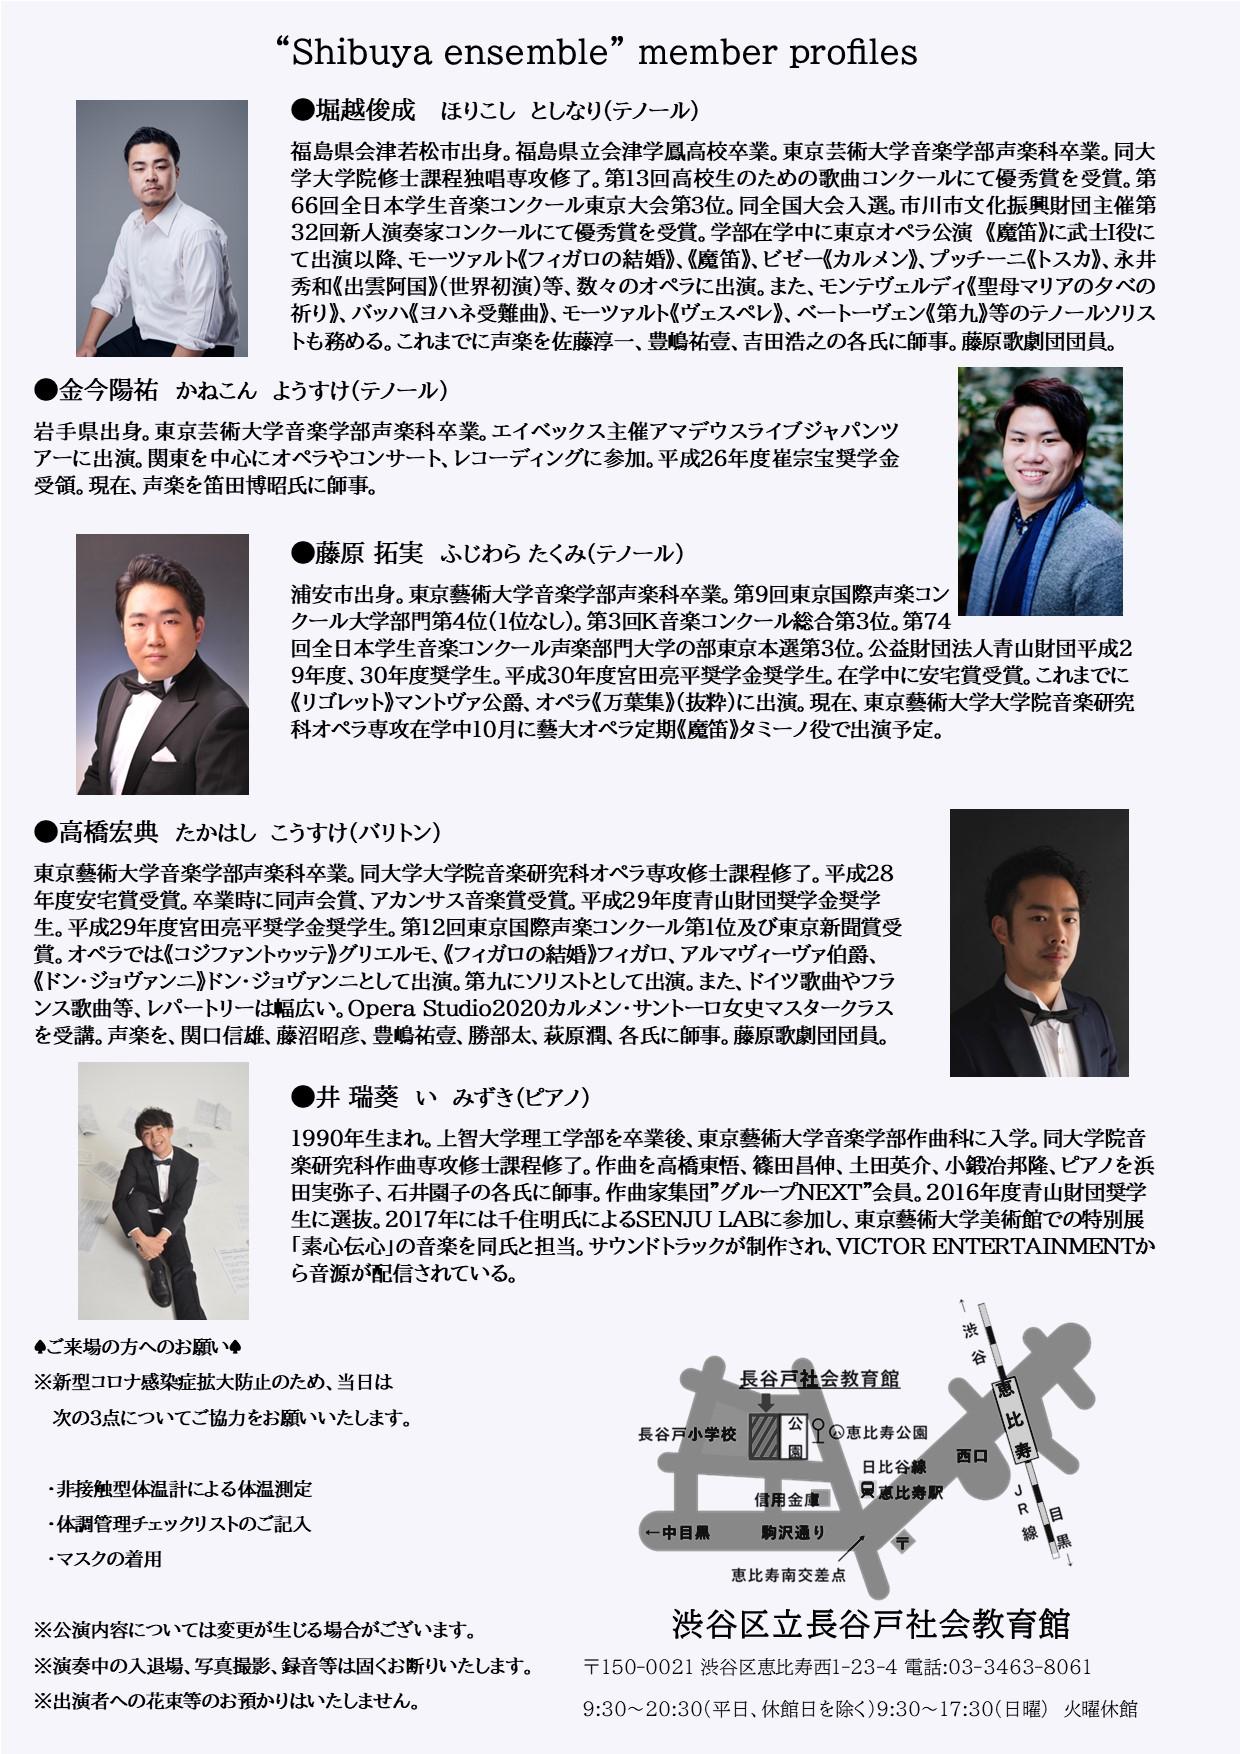 №108「初夏の風アンサンブルコンサート」_20210515ー最終稿(裏).jpg